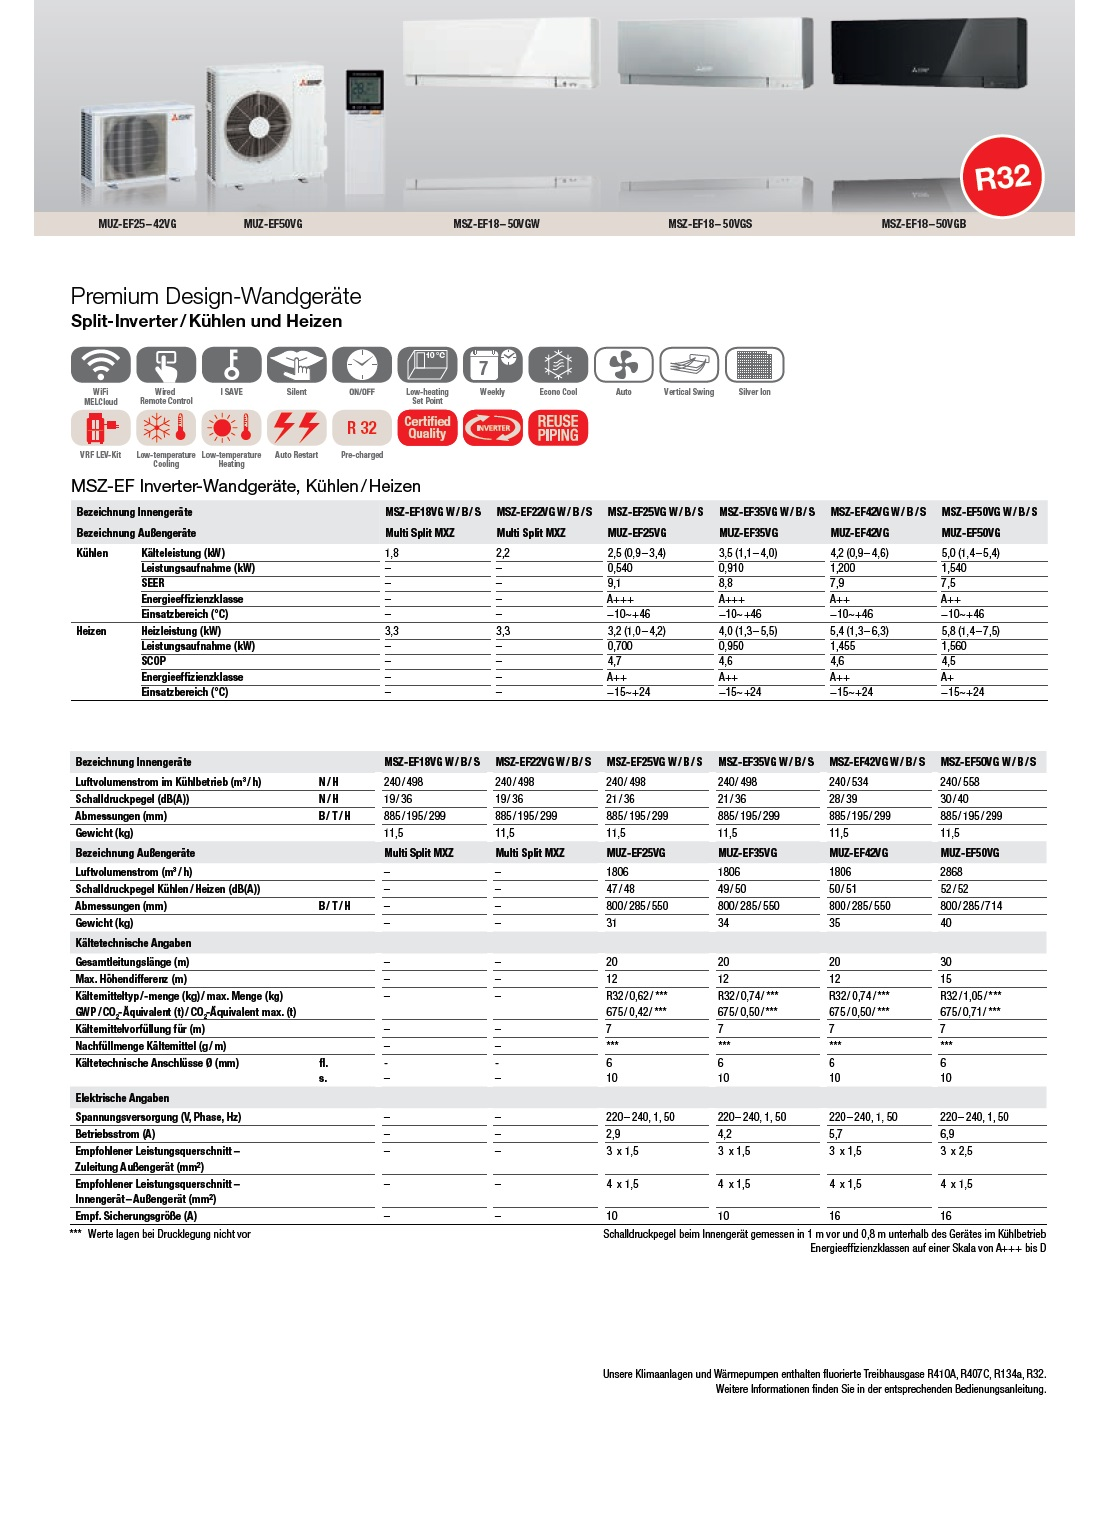 Mitsubishi Inneneinheit 12000 Btu Premium Weiß